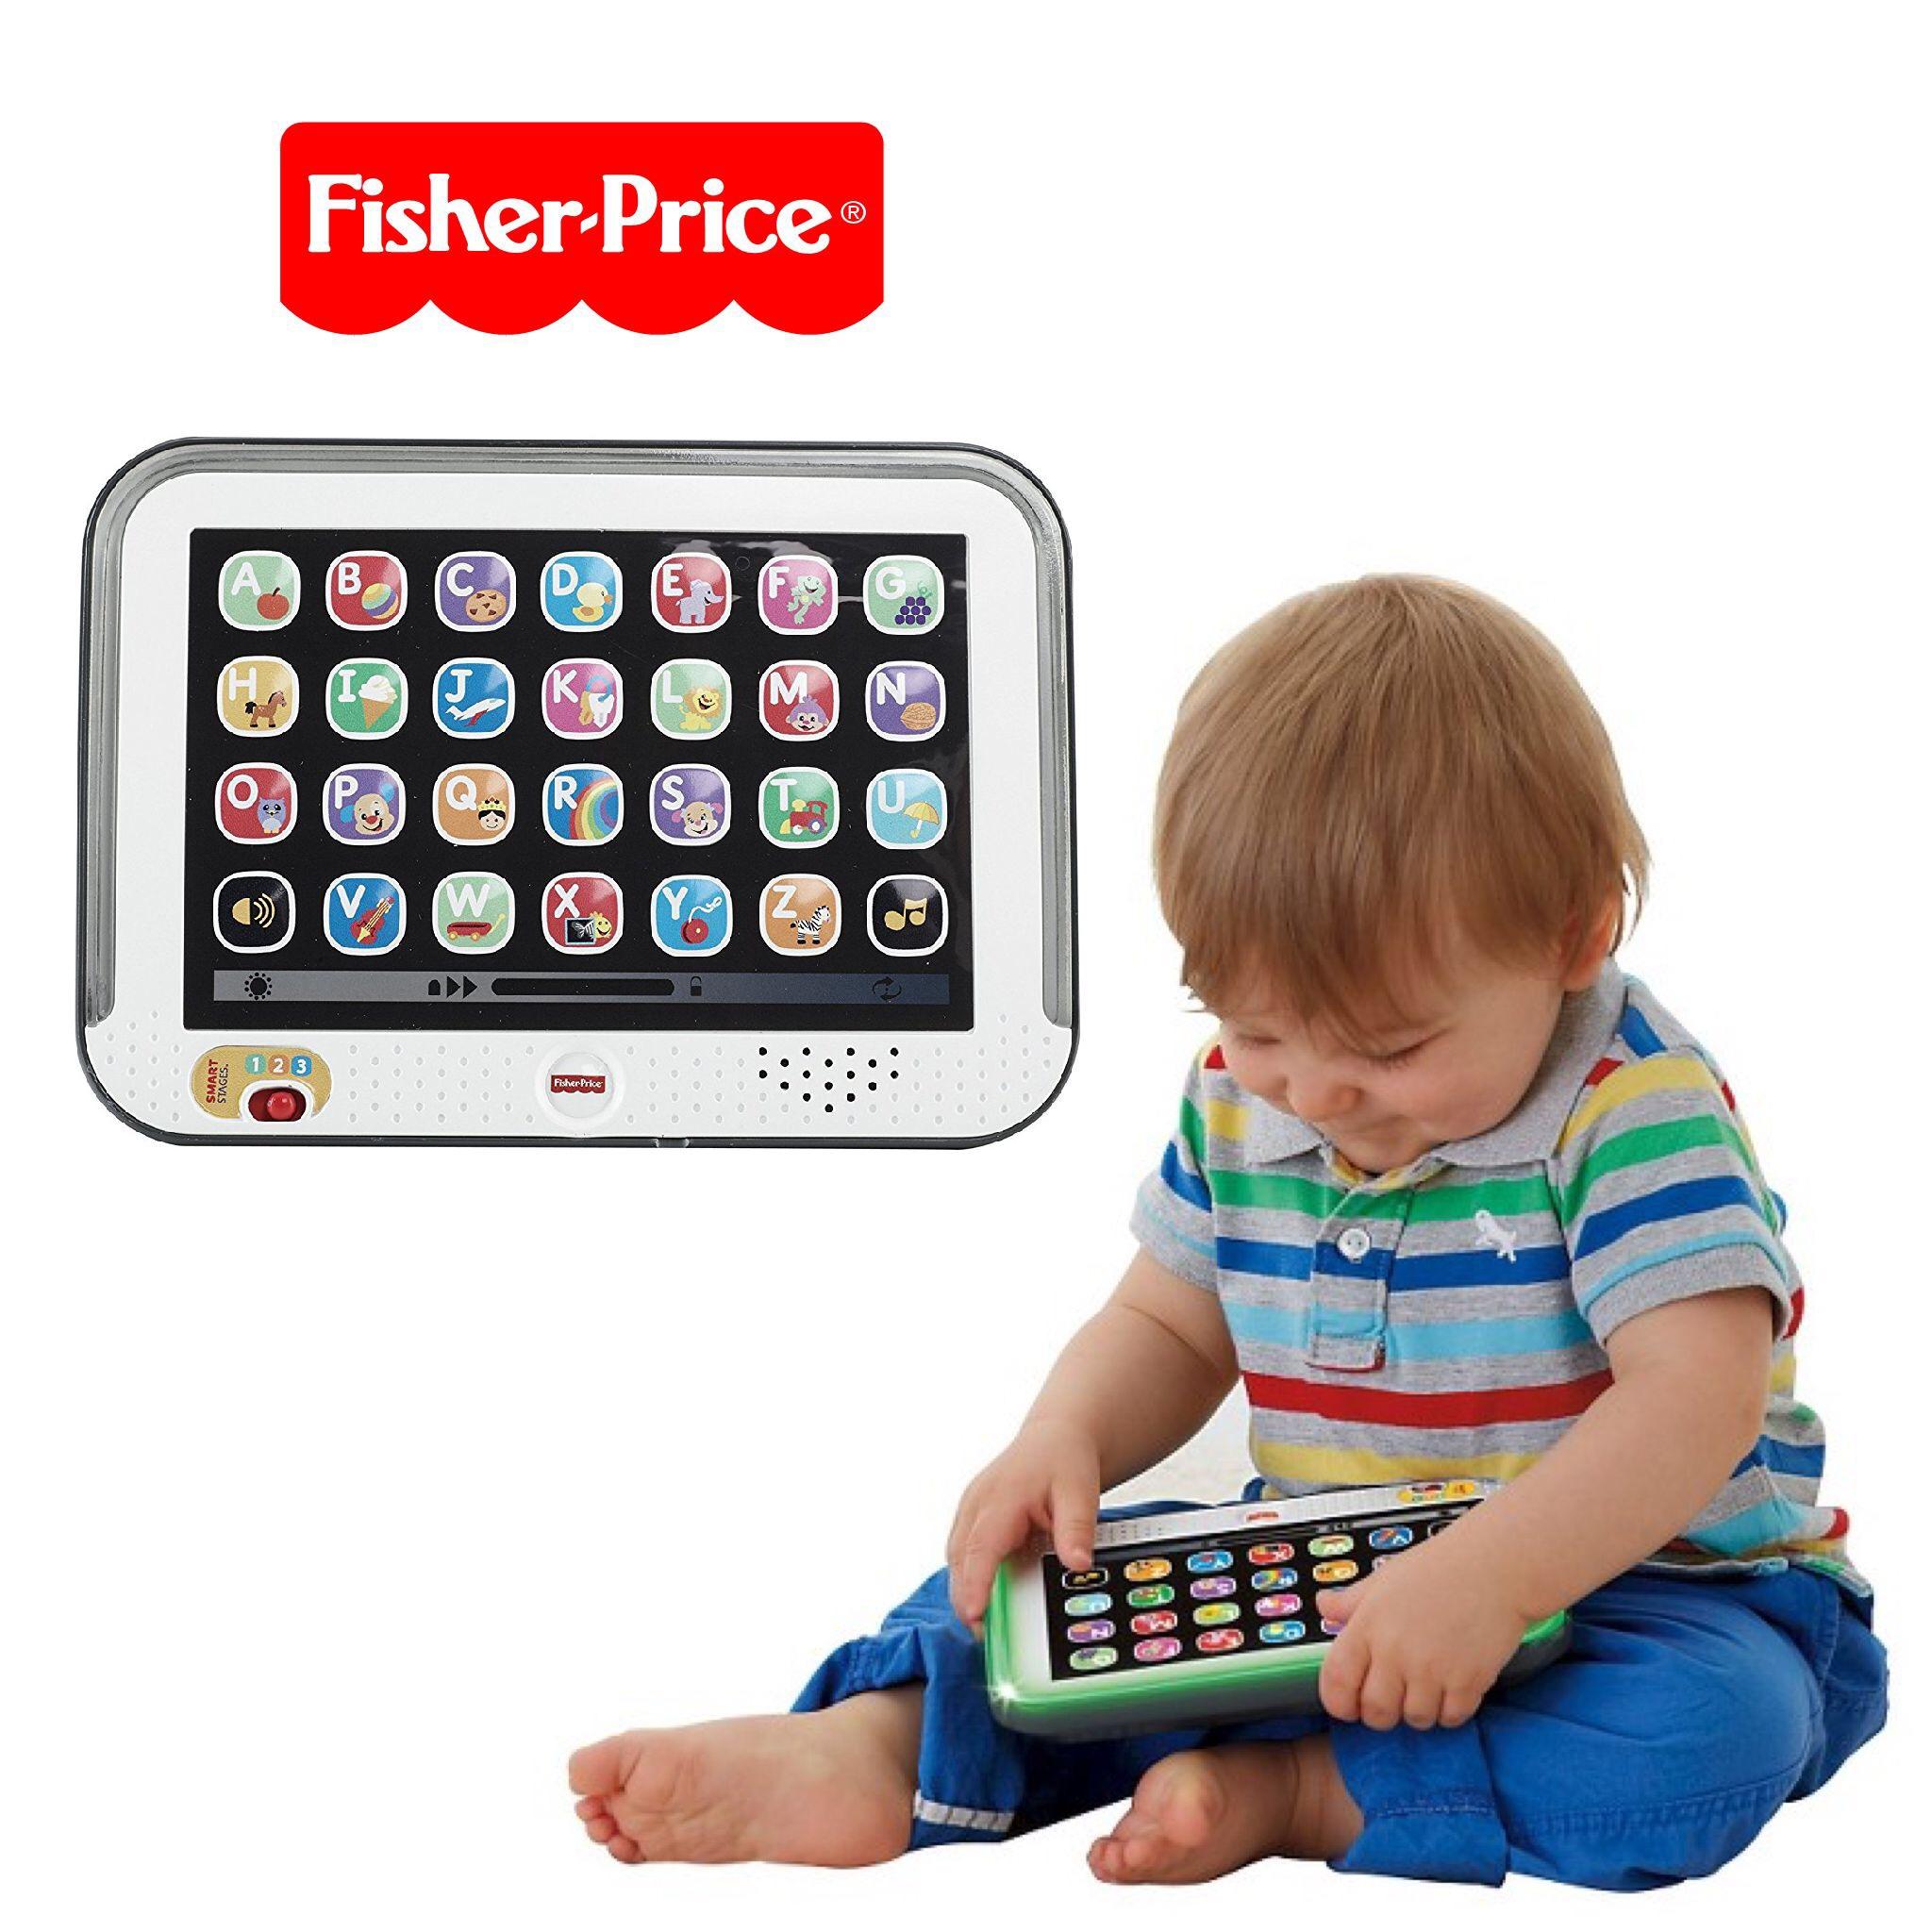 แทปเล็ทมหัศจรรย์สำหรับเด็ก Fisher-Price Laugh & Learn Smart Stages Tablet (Grey)